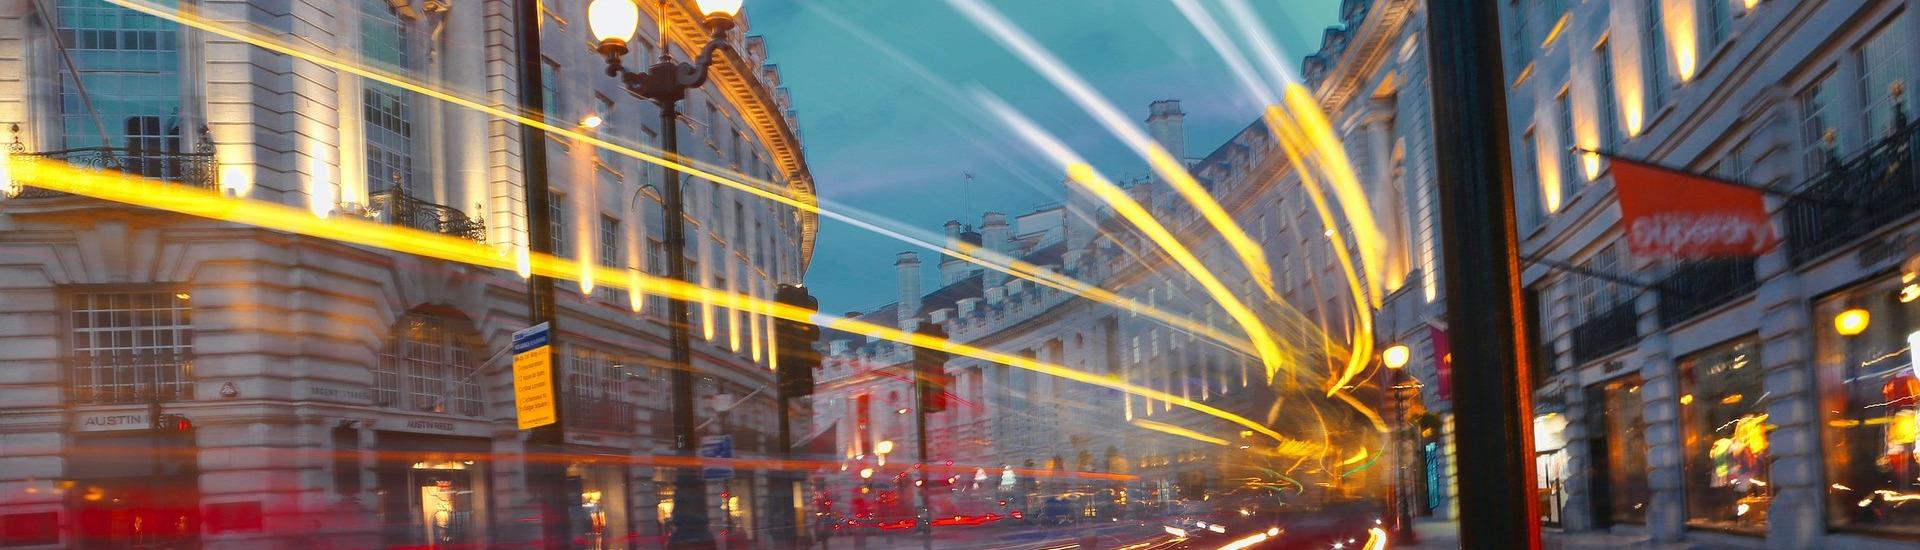 london-541457_1920